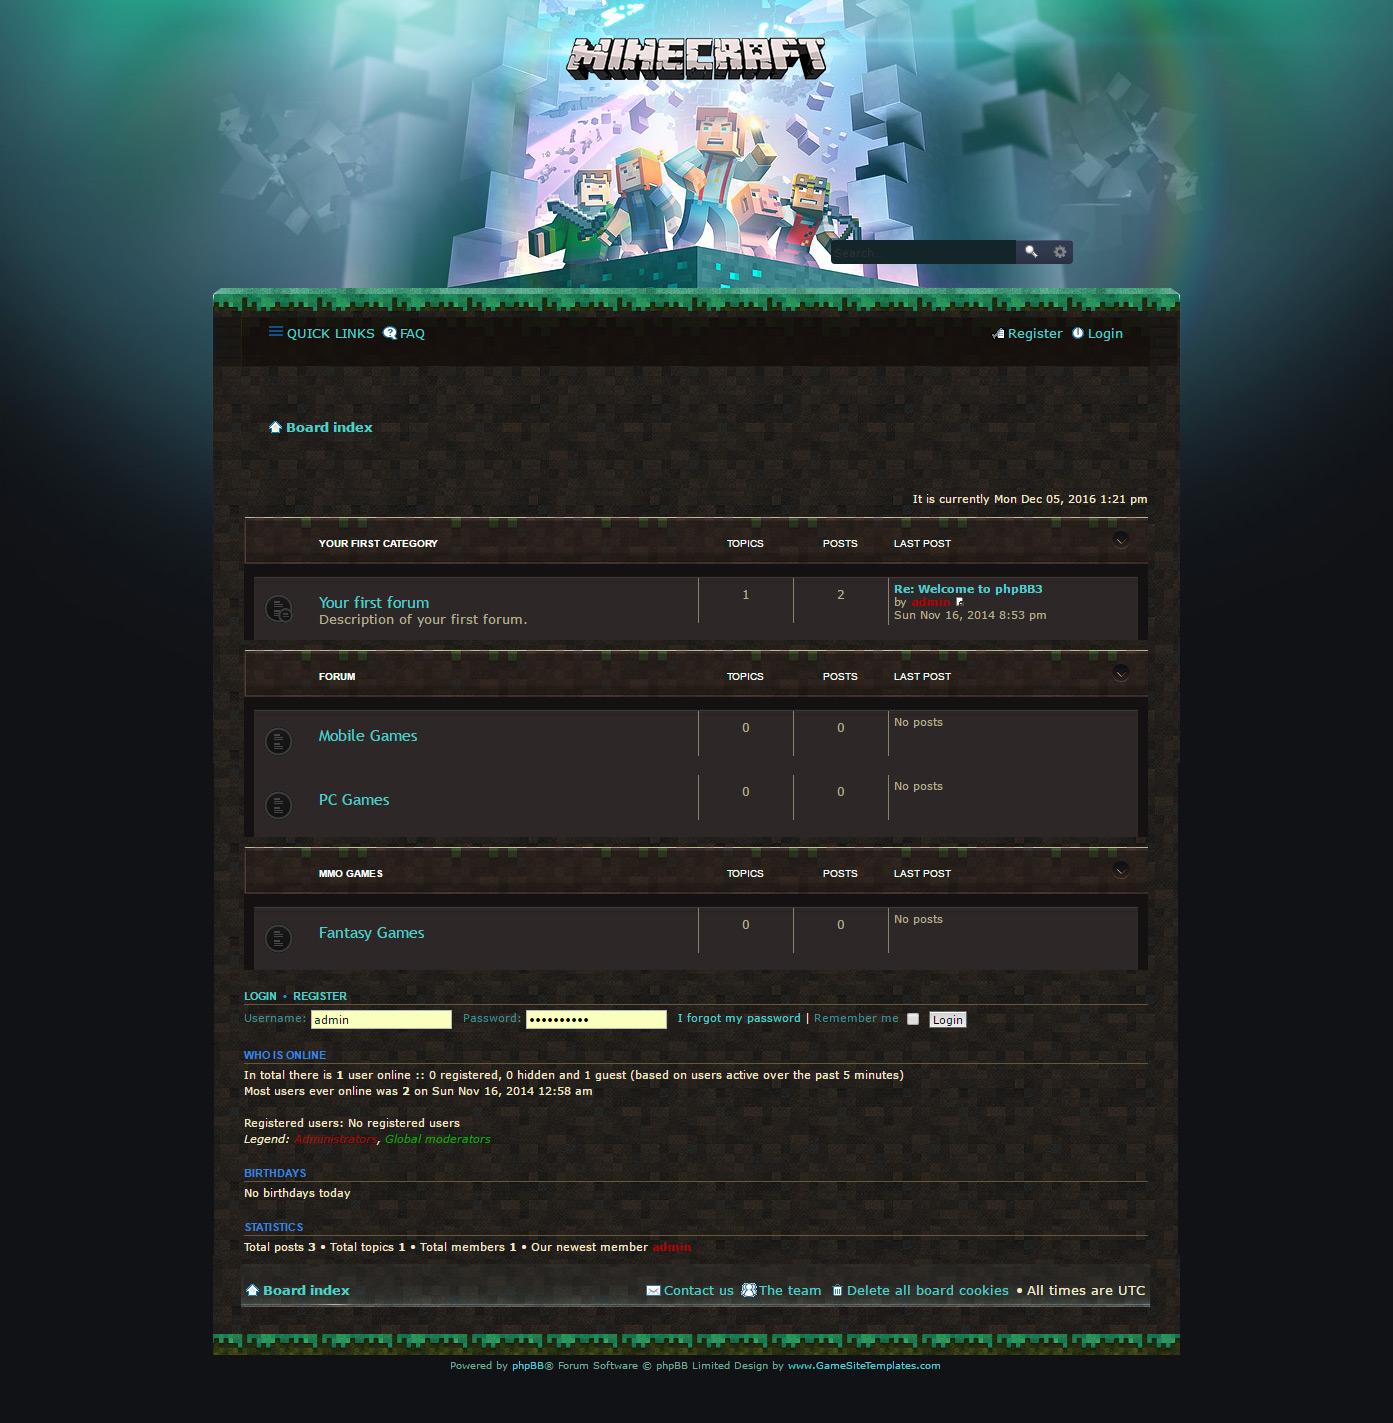 minecraft coders forum skin